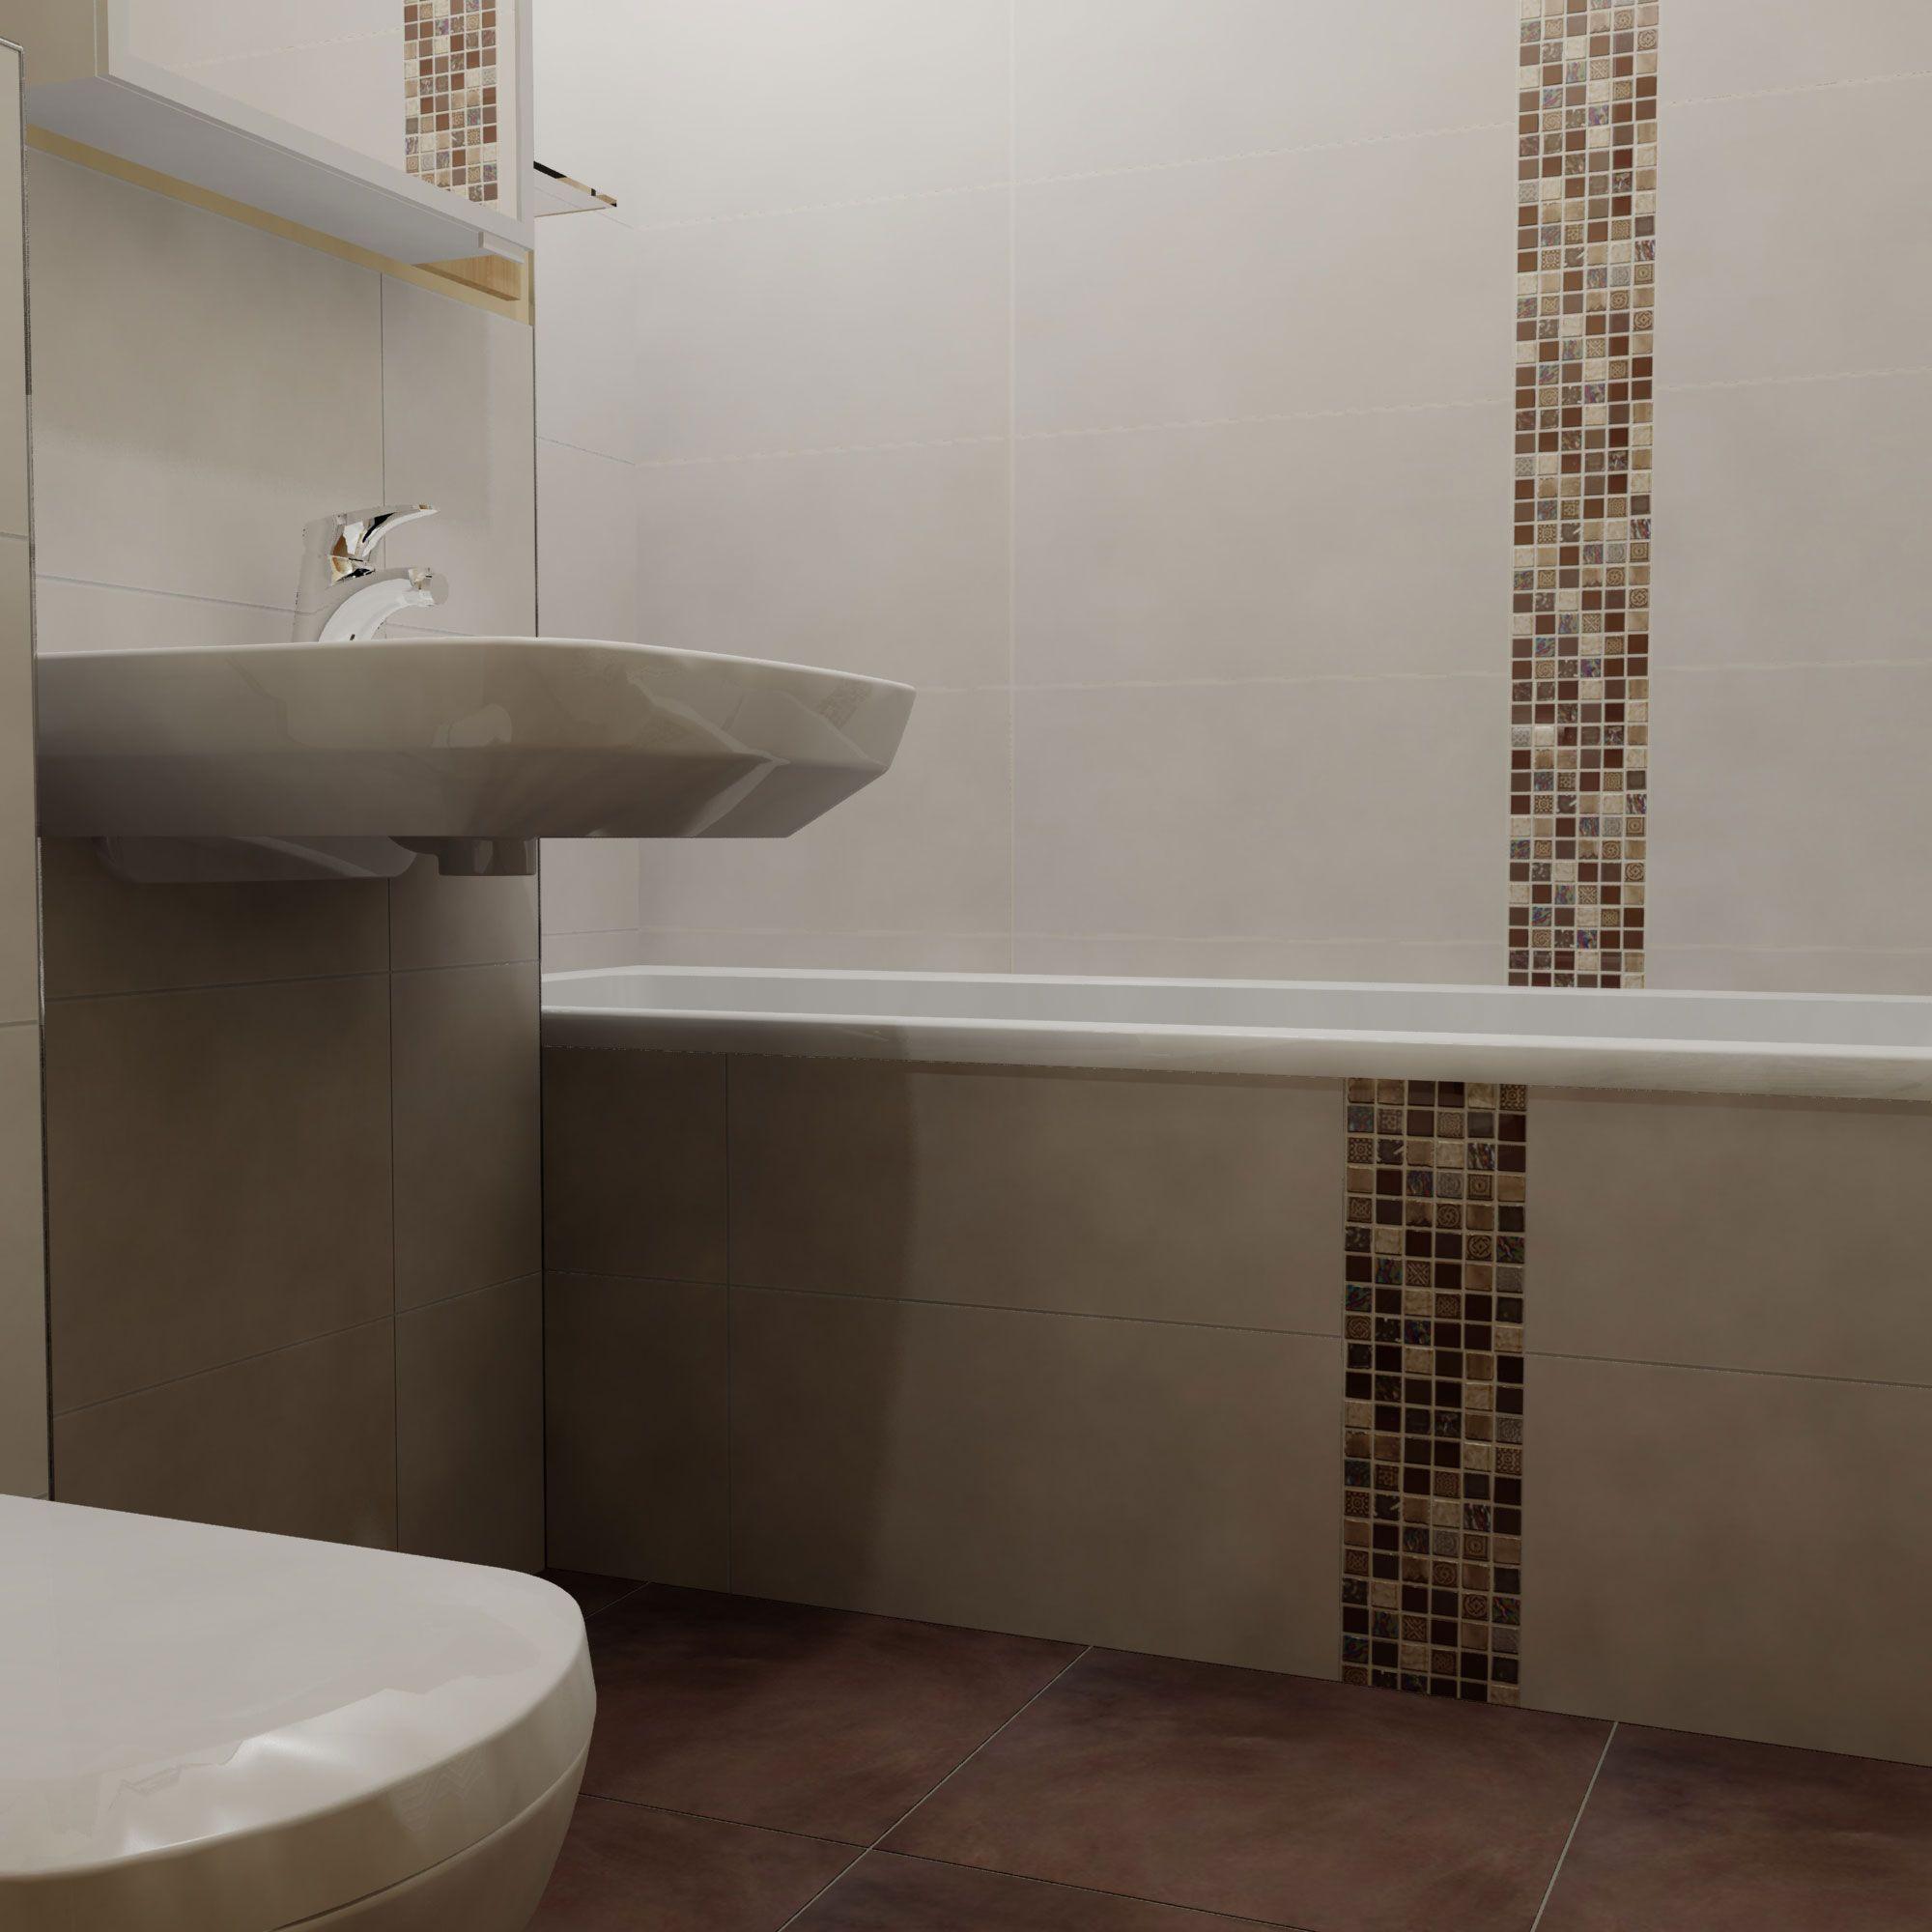 3D Planung Badgestaltung Und Fliesenplanung Mit ViSoft 9.